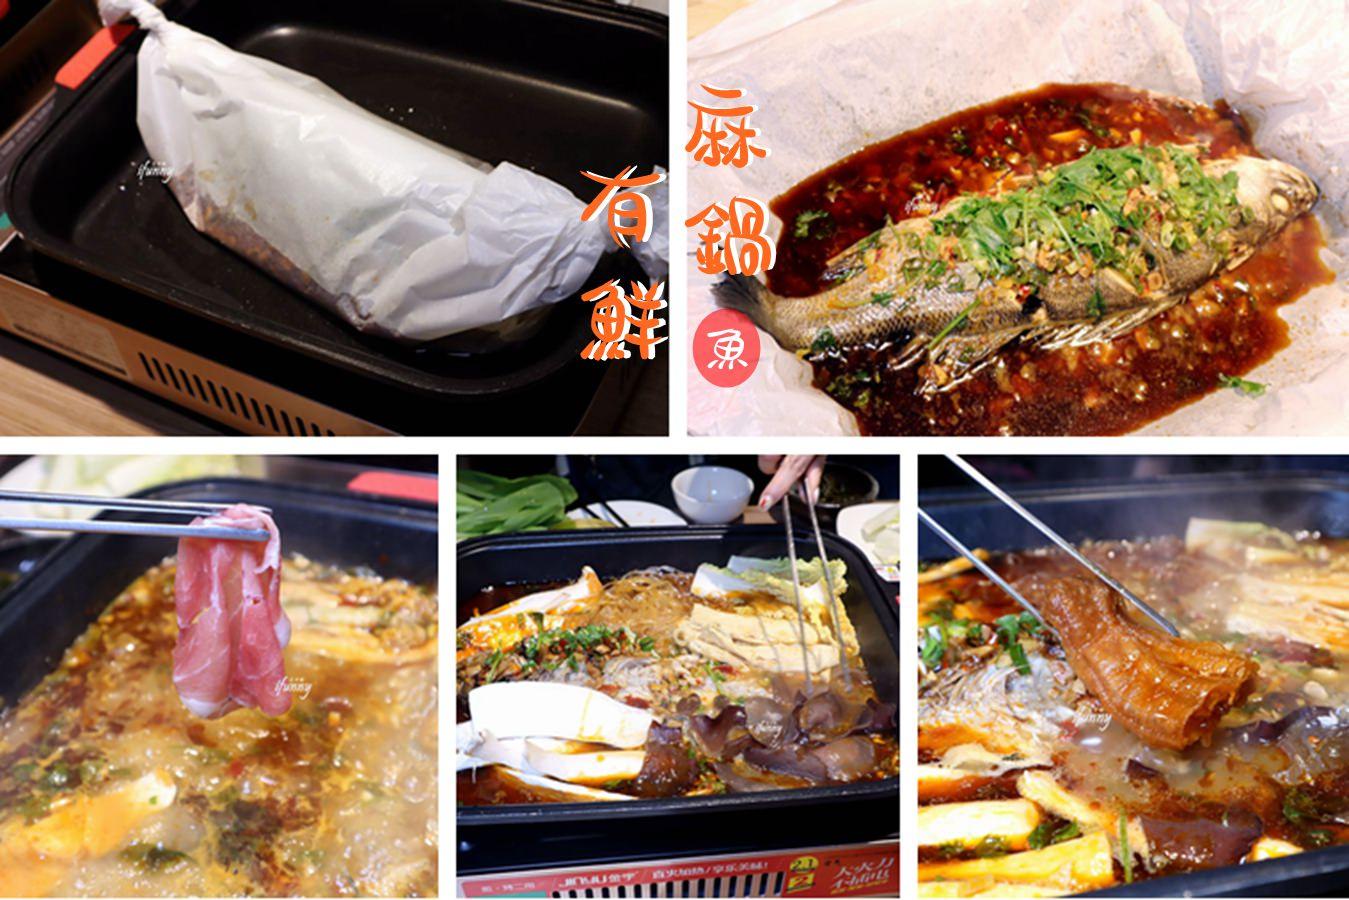 [行天宮站]麻鍋有鮮麻辣鍋~麻辣紙包魚~魚嫩鮮香再煮肉或配菜 一爐兩吃新吃法